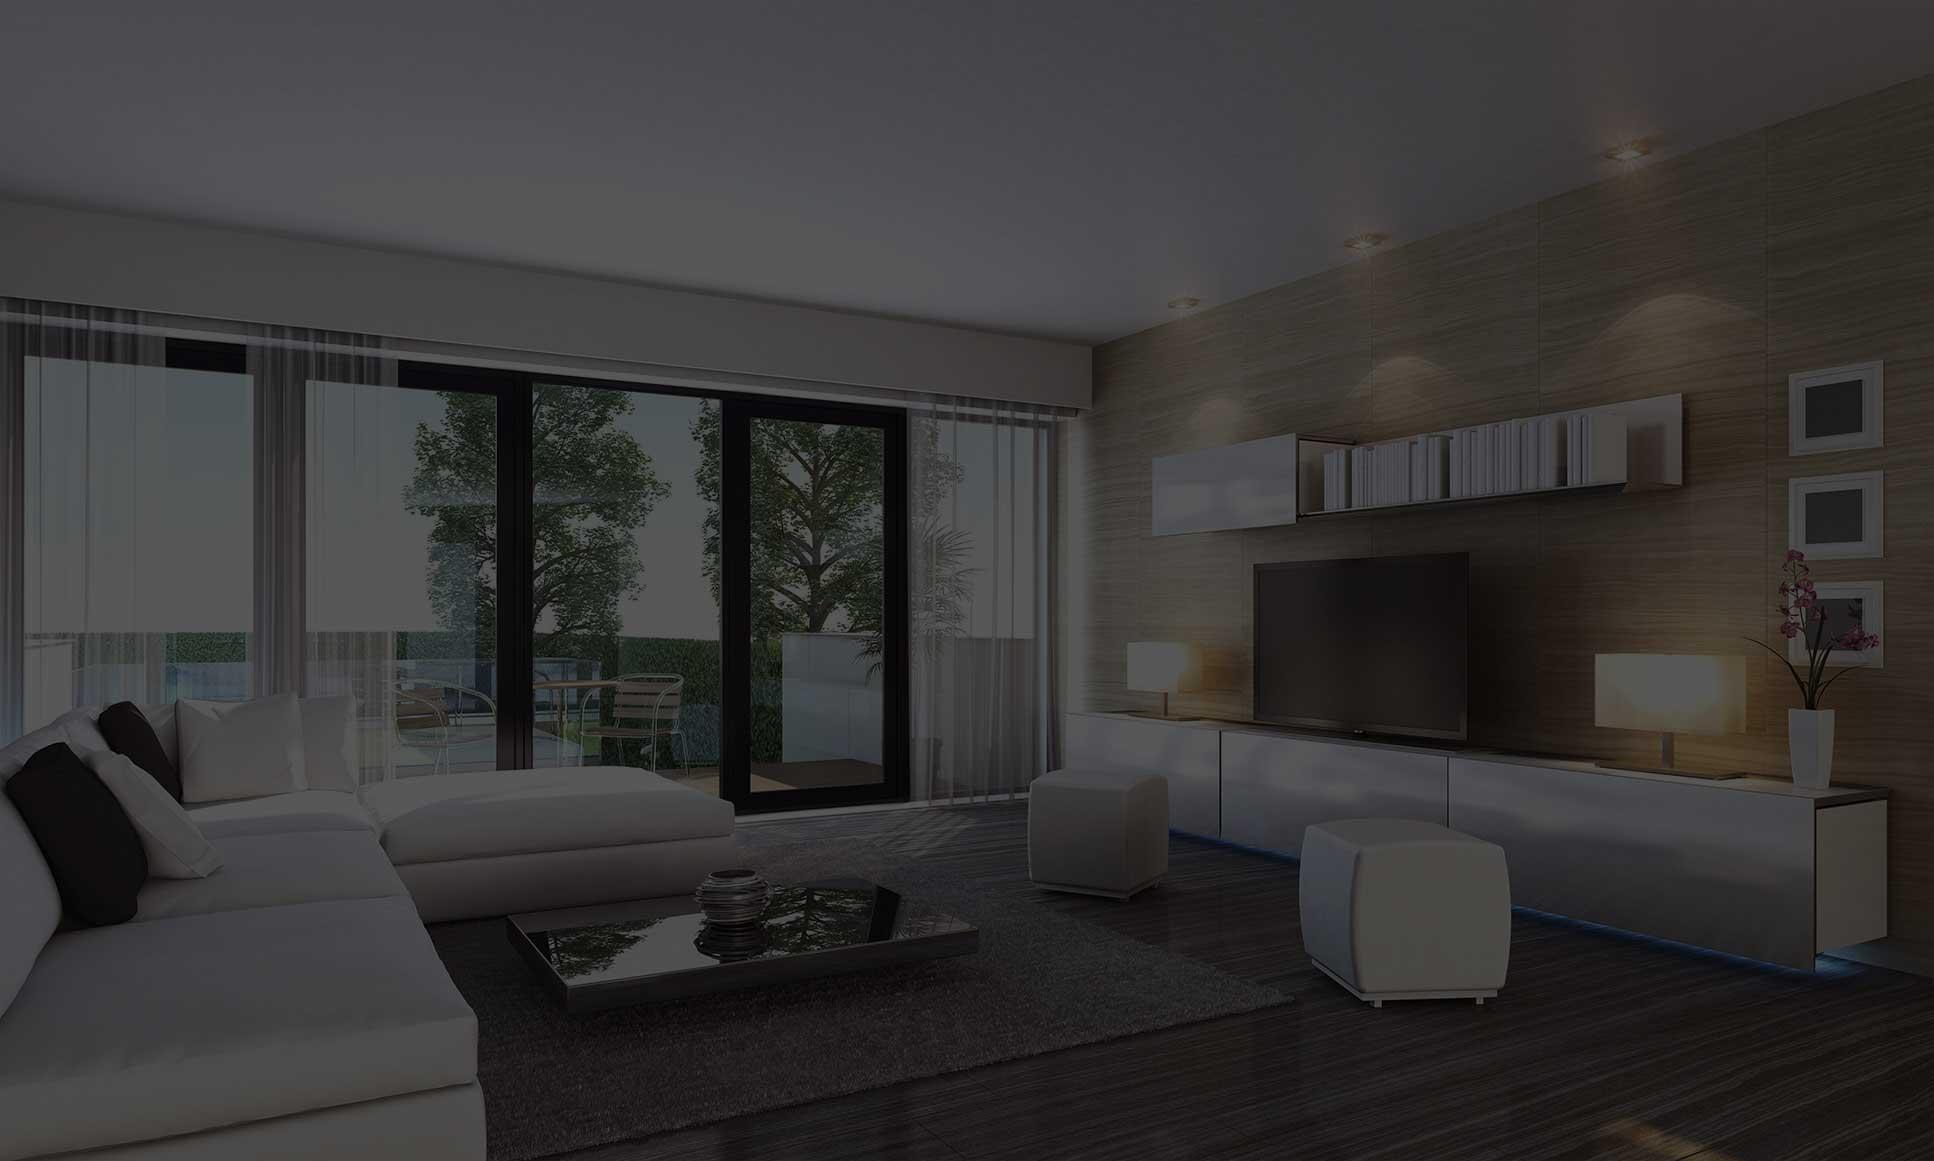 smart home shop knx shop smart home ger te ptp innovations smart home knx shop. Black Bedroom Furniture Sets. Home Design Ideas